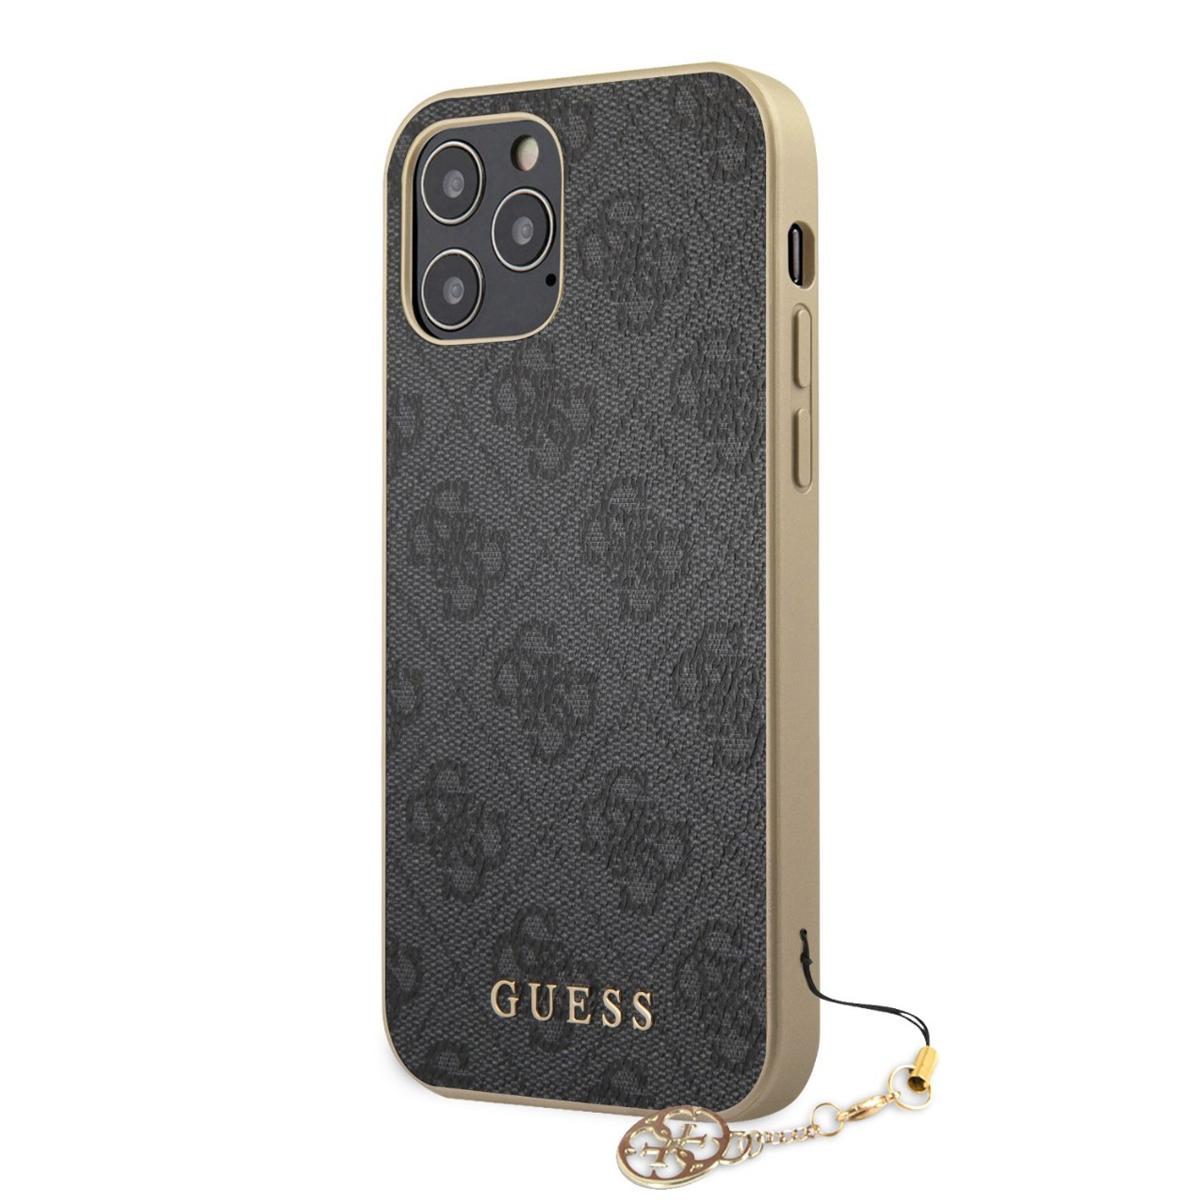 کاور گس کد 501 مناسب برای گوشی موبایل اپل iphone 12 pro max